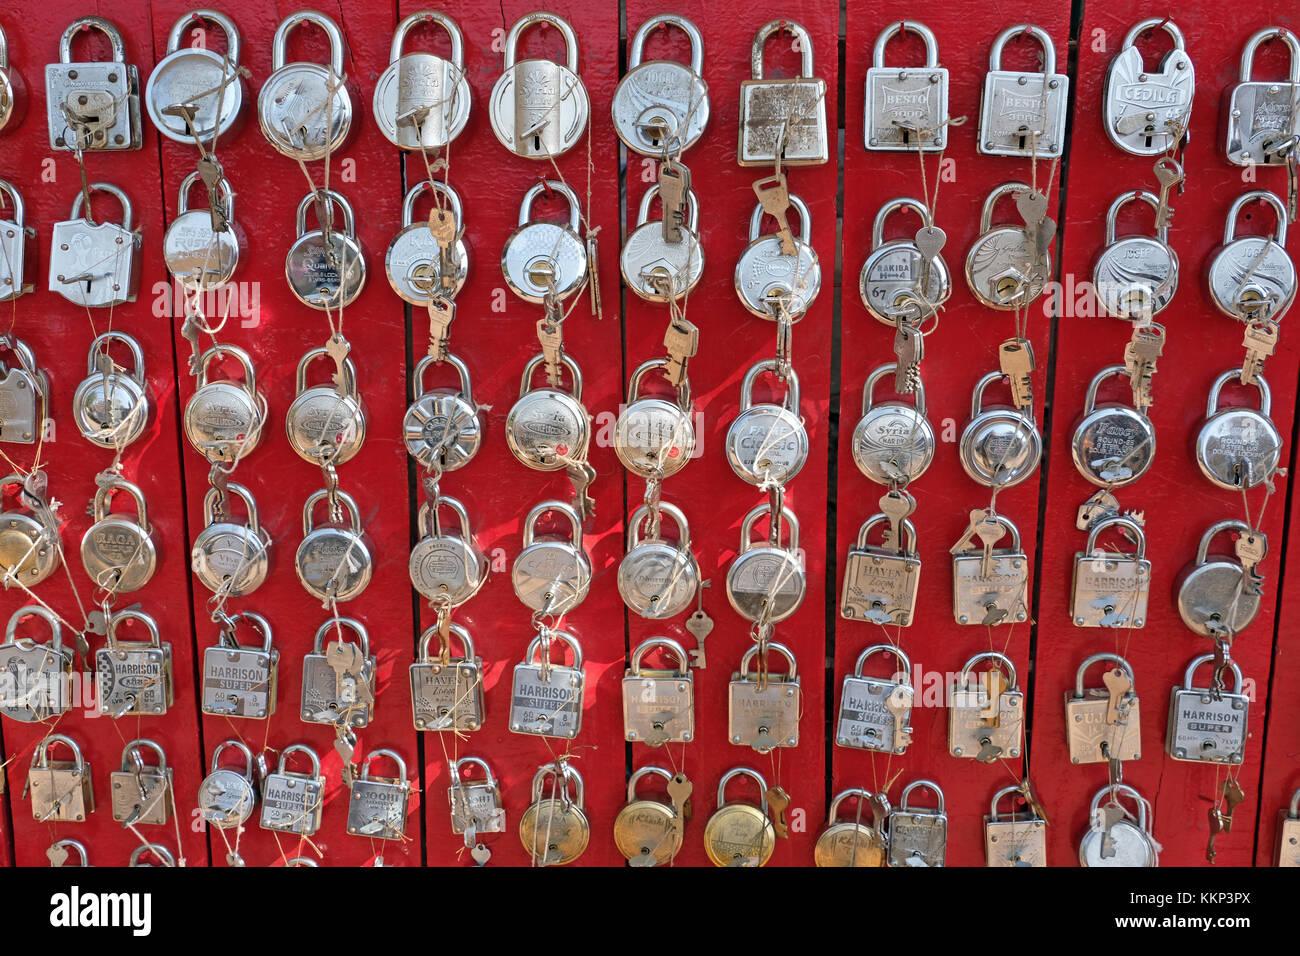 Una pantalla de cerraduras / candados en un mercado, India Imagen De Stock